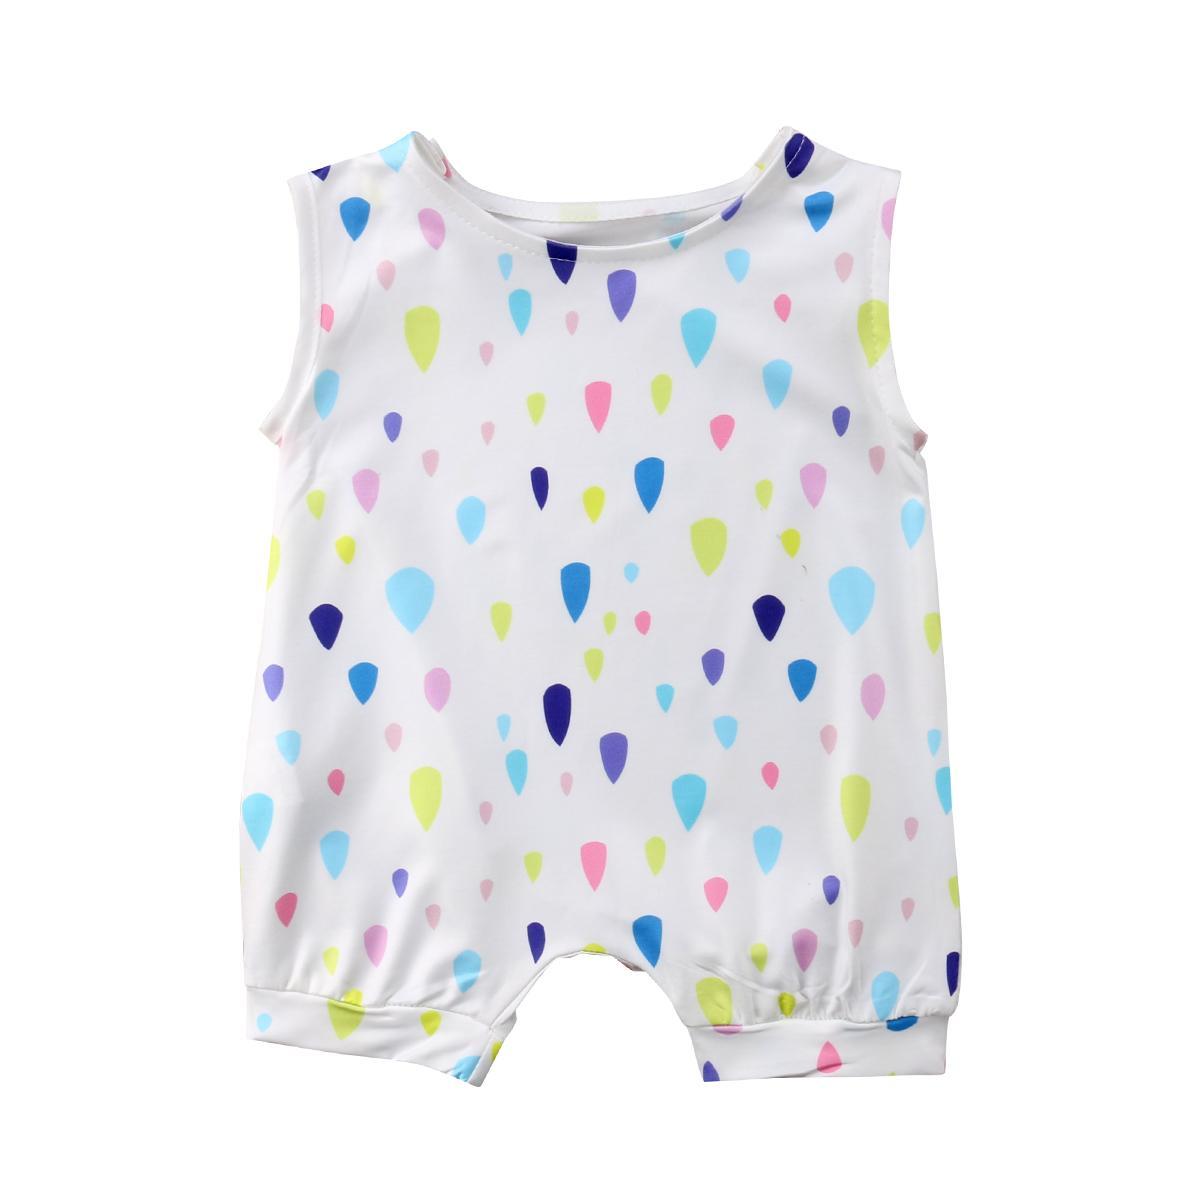 0-24 M de verano para niños Bebé gota de agua mameluco del verano ropa de algodón